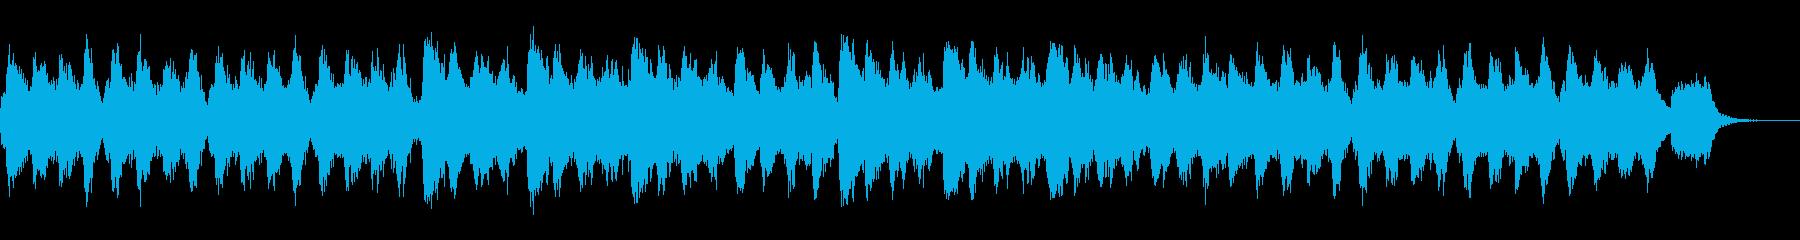 ハリウッド「短くて壮大」オーケストラeの再生済みの波形